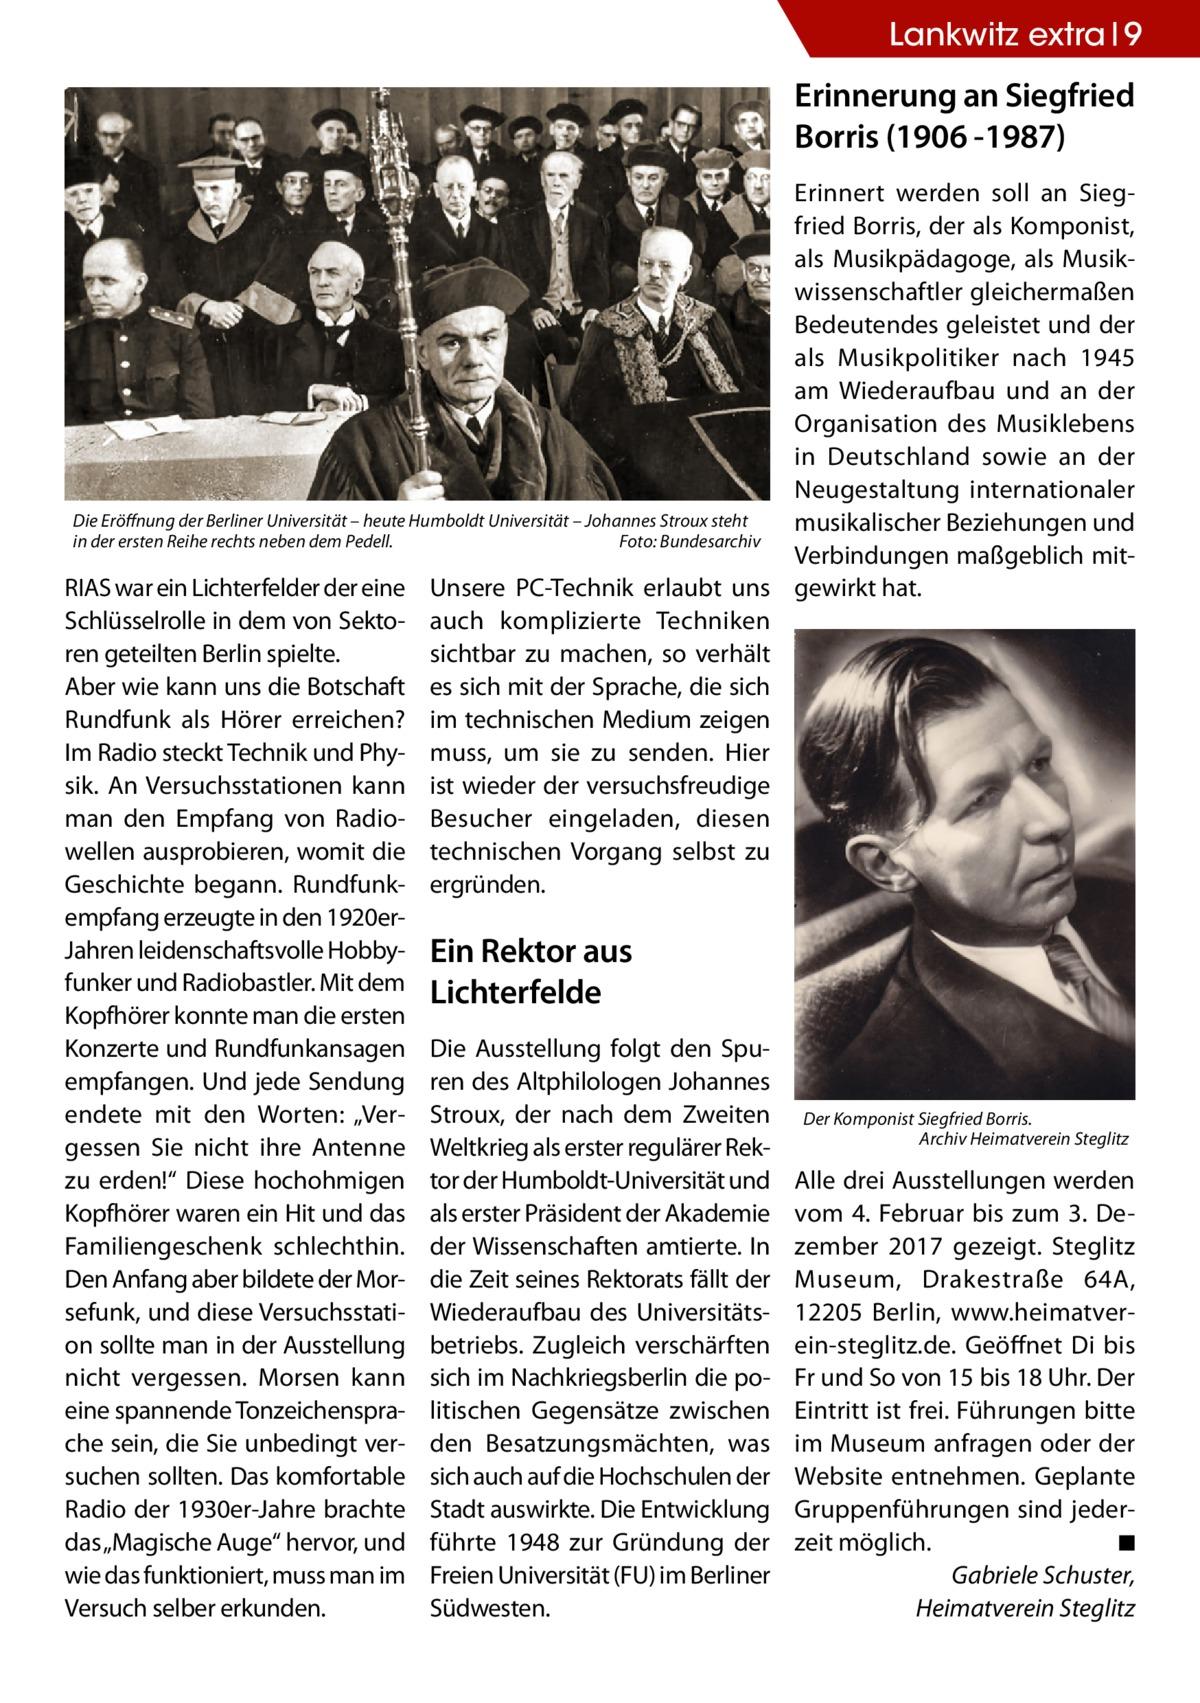 """Lankwitz extra 9  Erinnerung an Siegfried Borris (1906 -1987) Erinnert werden soll an Siegfried Borris, der als Komponist, als Musikpädagoge, als Musikwissenschaftler gleichermaßen Bedeutendes geleistet und der als Musikpolitiker nach 1945 am Wiederaufbau und an der Organisation des Musiklebens in Deutschland sowie an der Neugestaltung internationaler Die Eröffnung der Berliner Universität – heute Humboldt Universität – Johannes Stroux steht musikalischer Beziehungen und in der ersten Reihe rechts neben dem Pedell.� Foto: Bundesarchiv Verbindungen maßgeblich mitRIAS war ein Lichterfelder der eine Unsere PC-Technik erlaubt uns gewirkt hat. Schlüsselrolle in dem von Sekto- auch komplizierte Techniken ren geteilten Berlin spielte. sichtbar zu machen, so verhält Aber wie kann uns die Botschaft es sich mit der Sprache, die sich Rundfunk als Hörer erreichen? im technischen Medium zeigen Im Radio steckt Technik und Phy- muss, um sie zu senden. Hier sik. An Versuchsstationen kann ist wieder der versuchsfreudige man den Empfang von Radio- Besucher eingeladen, diesen wellen ausprobieren, womit die technischen Vorgang selbst zu Geschichte begann. Rundfunk- ergründen. empfang erzeugte in den 1920erJahren leidenschaftsvolle Hobby- Ein Rektor aus funker und Radiobastler. Mit dem Lichterfelde Kopfhörer konnte man die ersten Konzerte und Rundfunkansagen Die Ausstellung folgt den Spuempfangen. Und jede Sendung ren des Altphilologen Johannes endete mit den Worten: """"Ver- Stroux, der nach dem Zweiten Der Komponist Siegfried Borris. Archiv Heimatverein Steglitz gessen Sie nicht ihre Antenne Weltkrieg als erster regulärer Rek- � zu erden!"""" Diese hochohmigen tor der Humboldt-Universität und Alle drei Ausstellungen werden Kopfhörer waren ein Hit und das als erster Präsident der Akademie vom 4. Februar bis zum 3. DeFamiliengeschenk schlechthin. der Wissenschaften amtierte. In zember 2017 gezeigt. Steglitz Den Anfang aber bildete der Mor- die Zeit seines Rektorats fällt der Museum, Drakestra"""